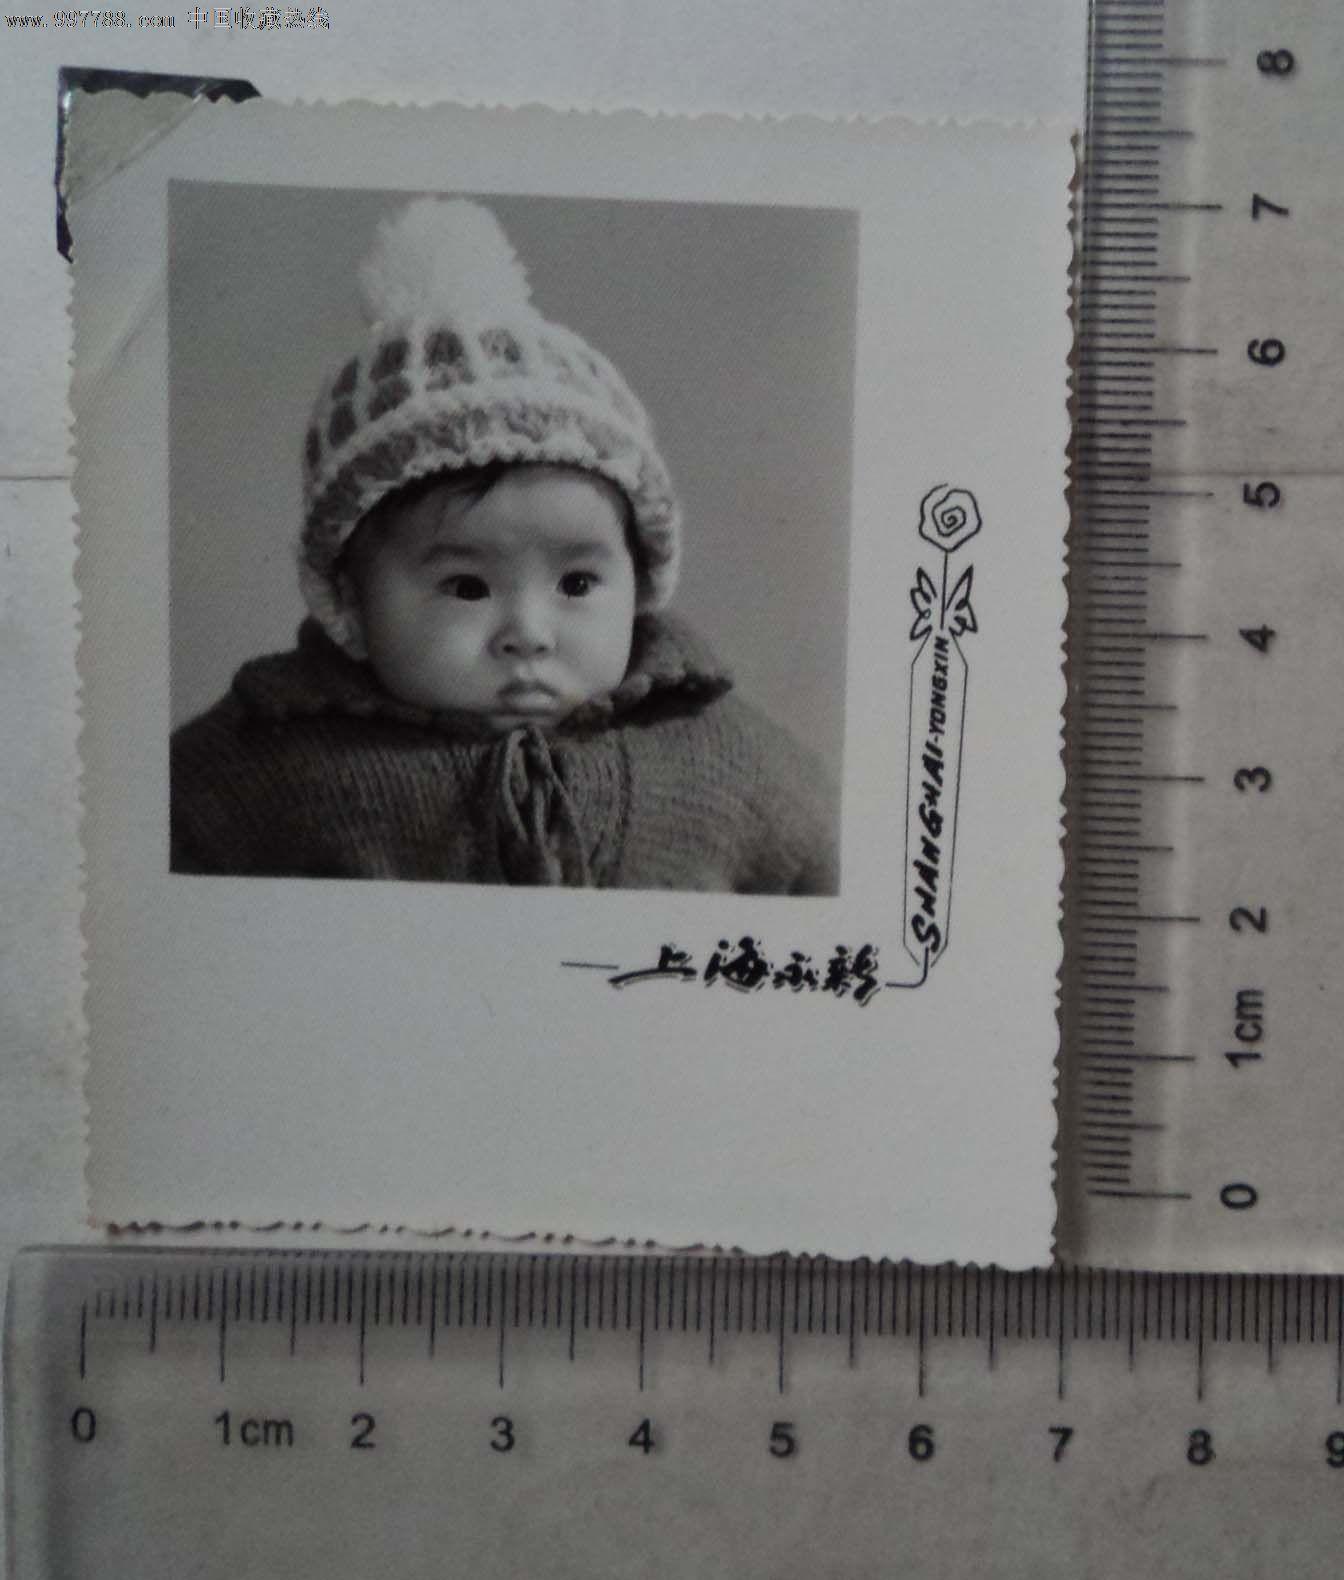 宝宝(老照片)_价格元_第1张_7788收藏__中国收藏热线